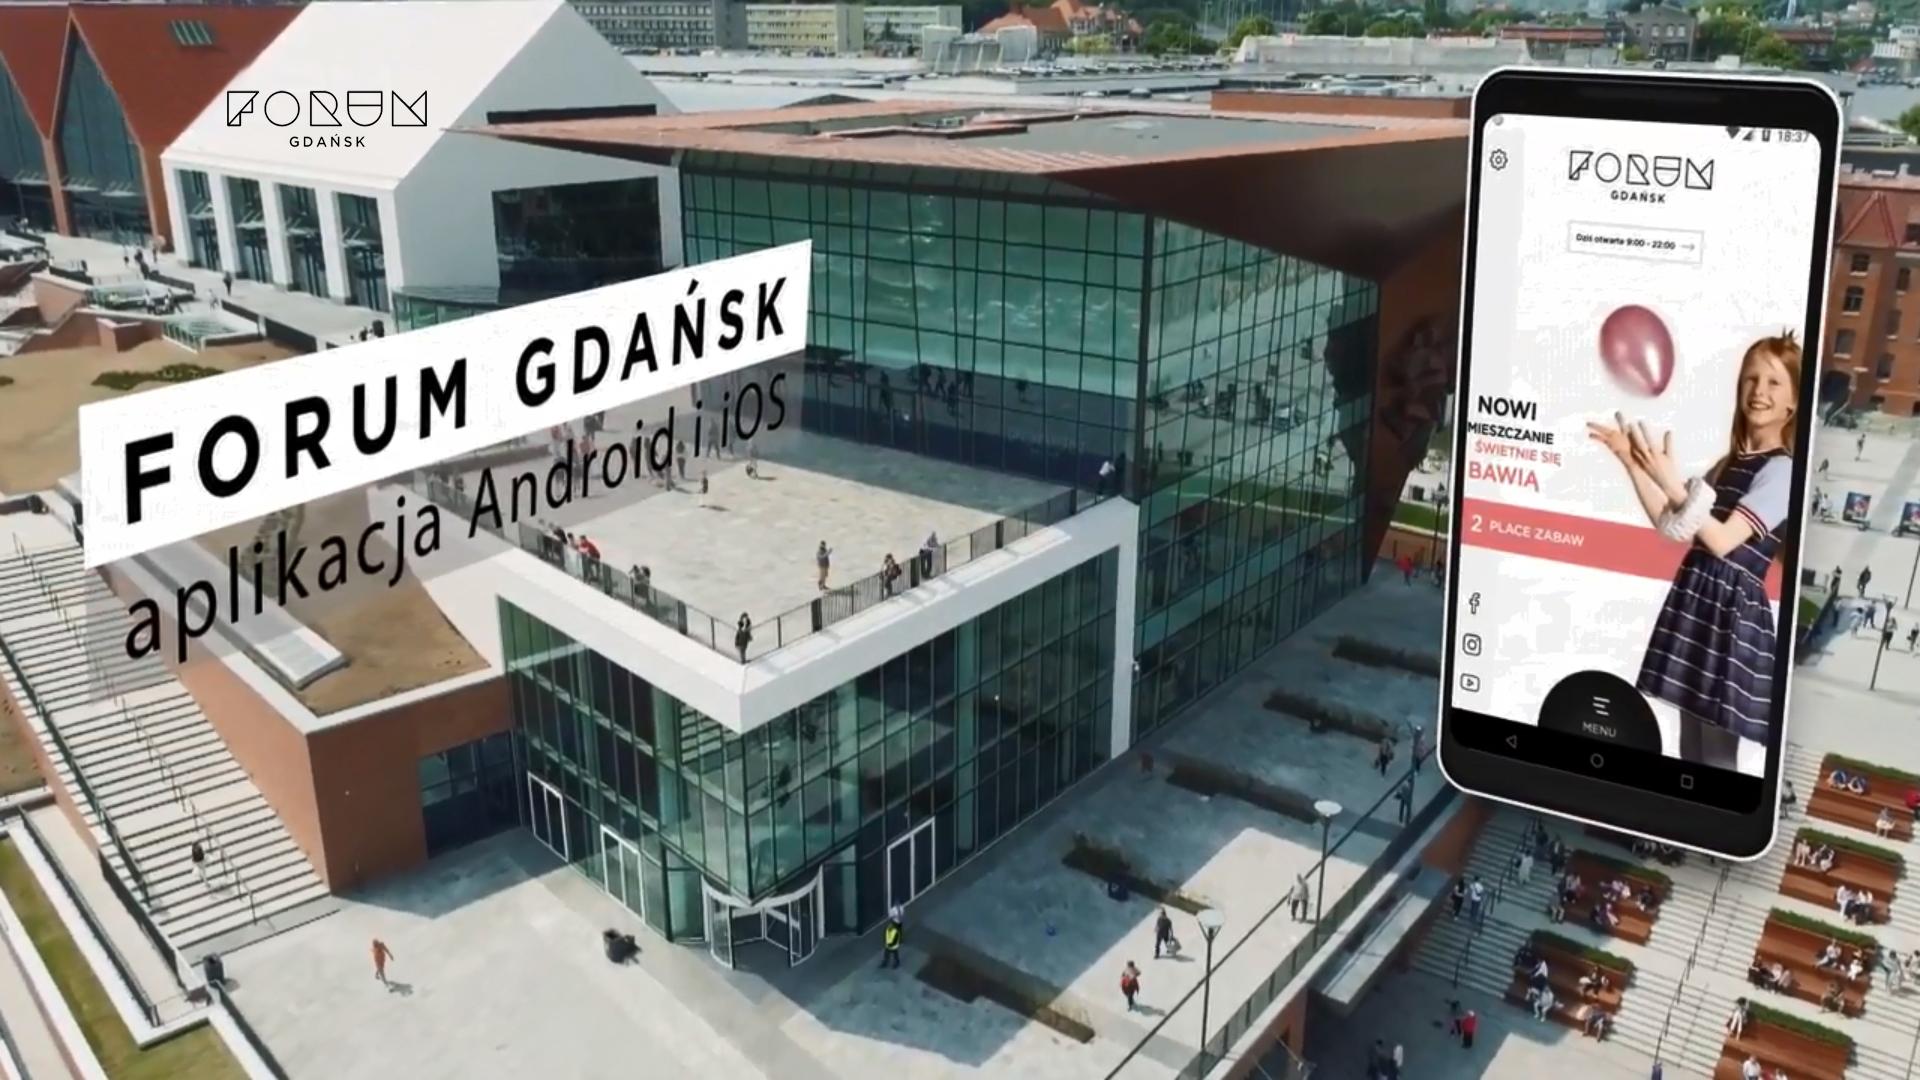 image of Forum Gdansk | Amistad Sp z o.o. Wins 2018 Best Shopping Mobile Application Mobile WebAward for Forum Gdansk - mobile app